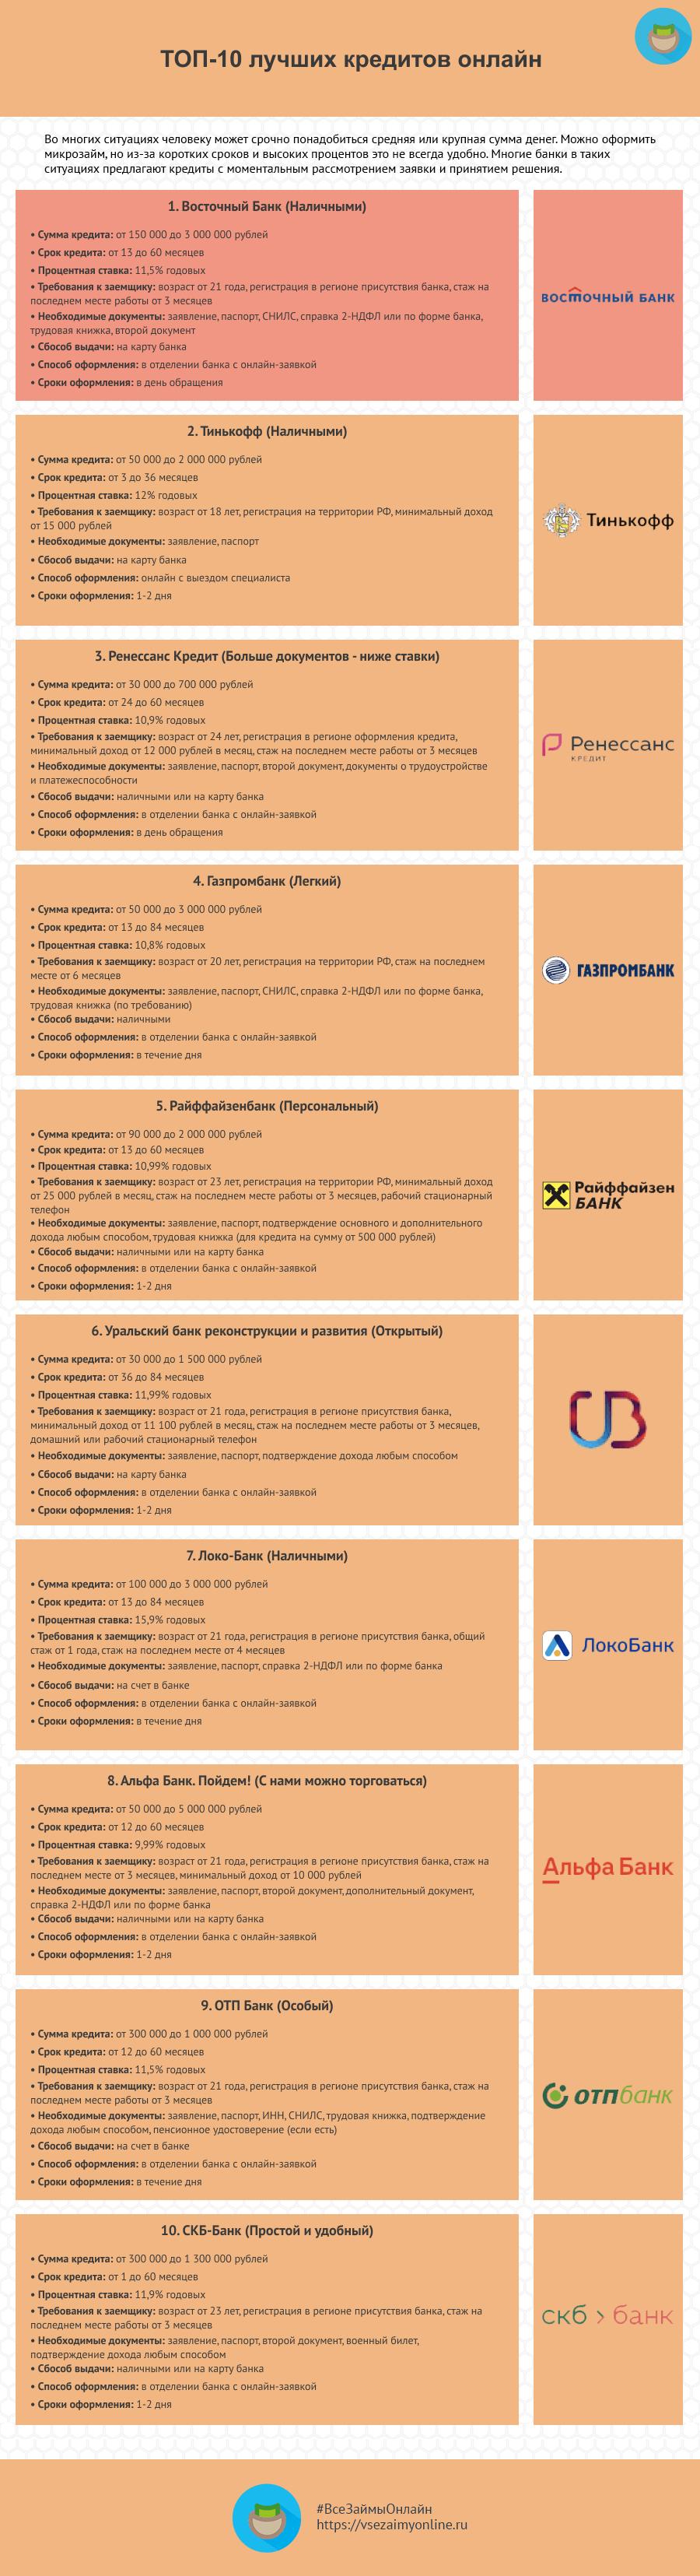 газпромбанк краснодар официальный сайт кредит наличными страховка каско кредит